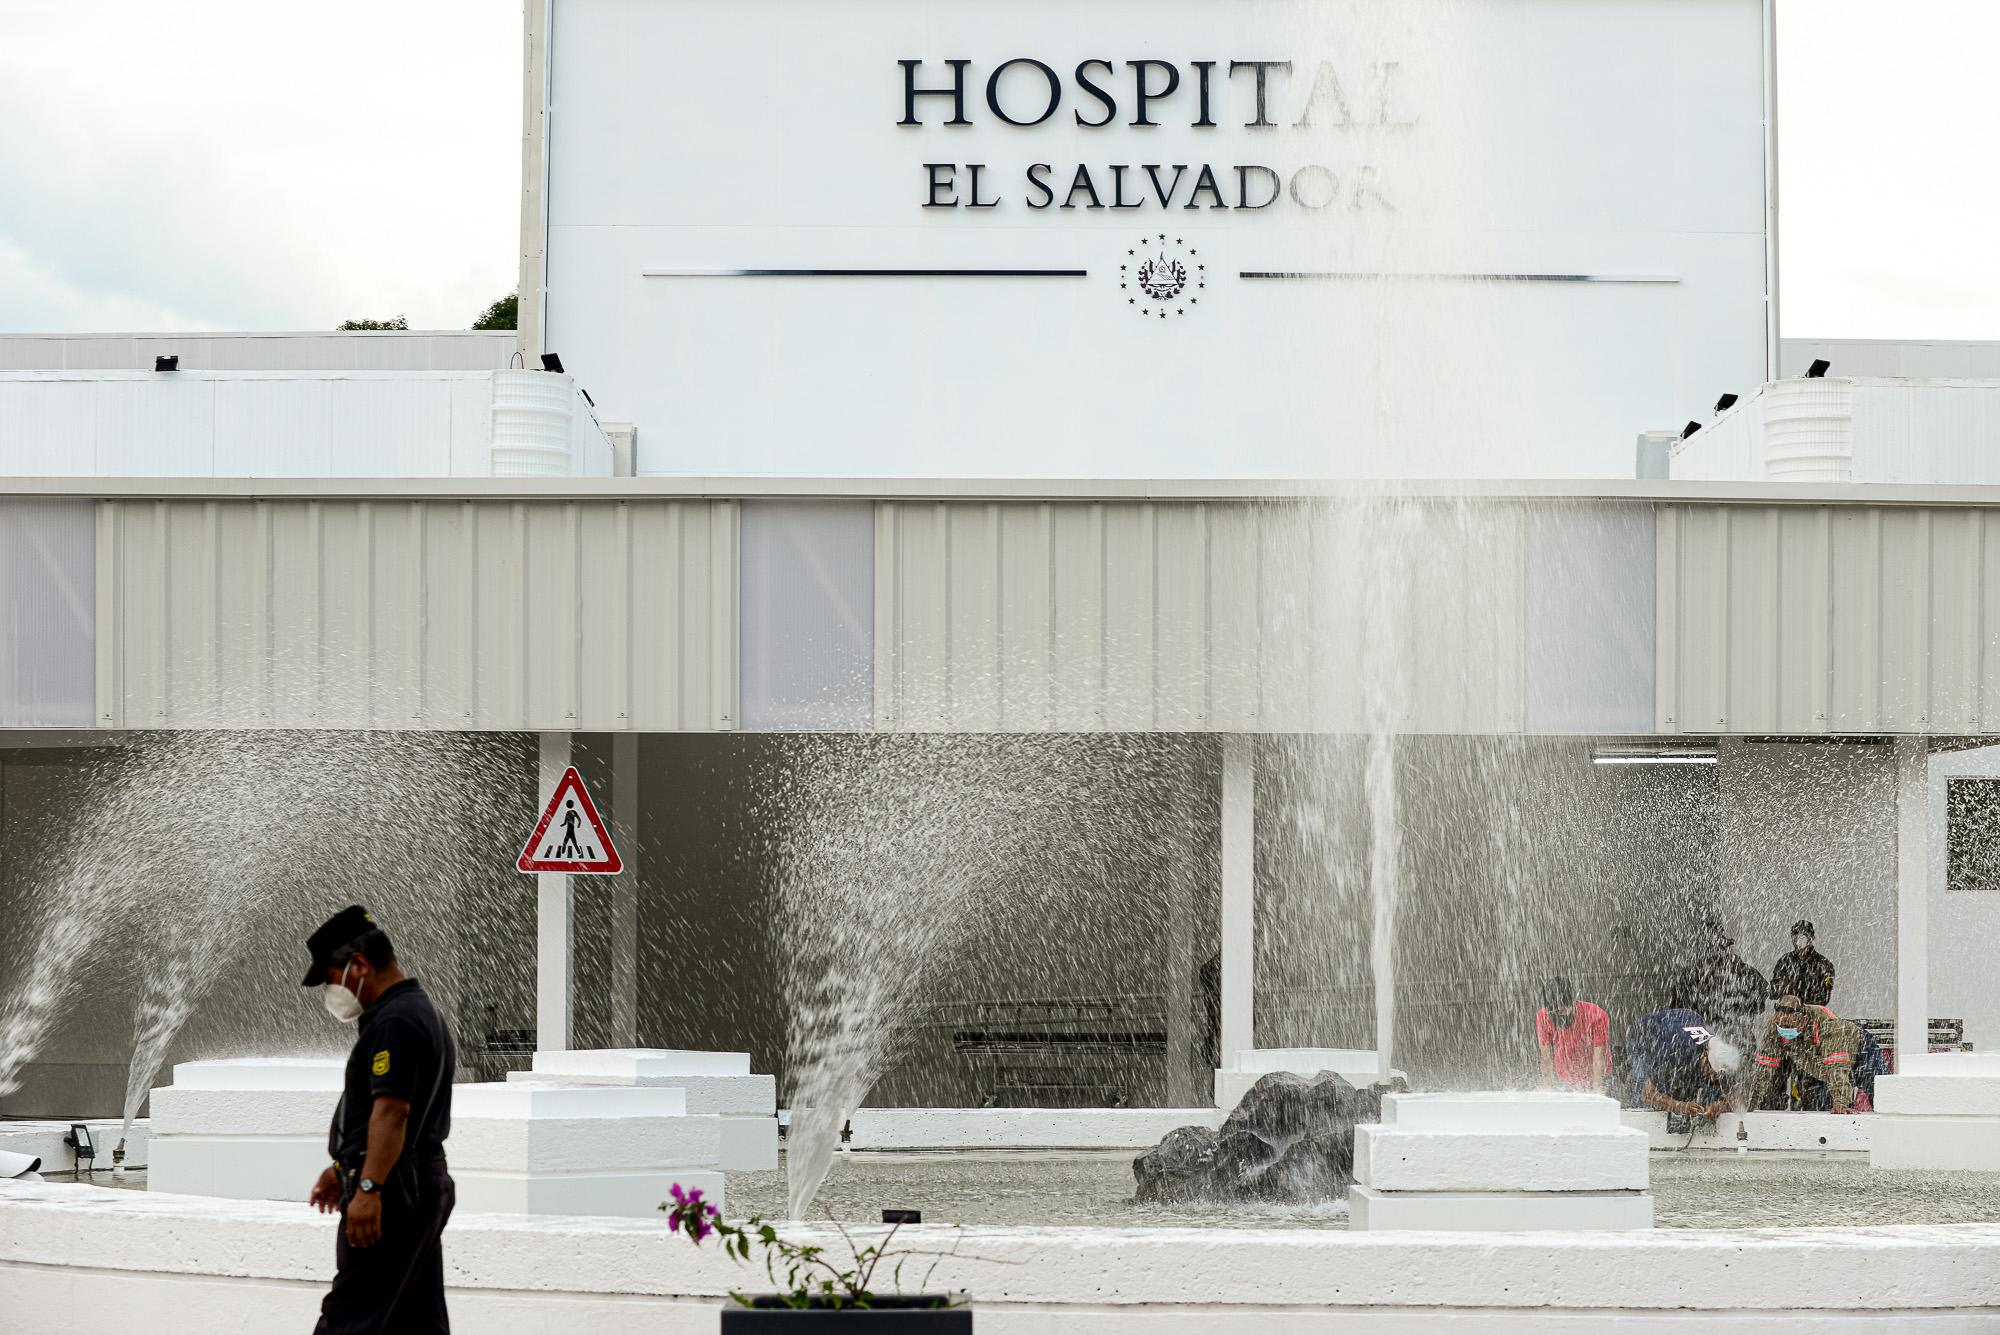 El Salvador destacó en 2020 por la corrupción durante la pandemia